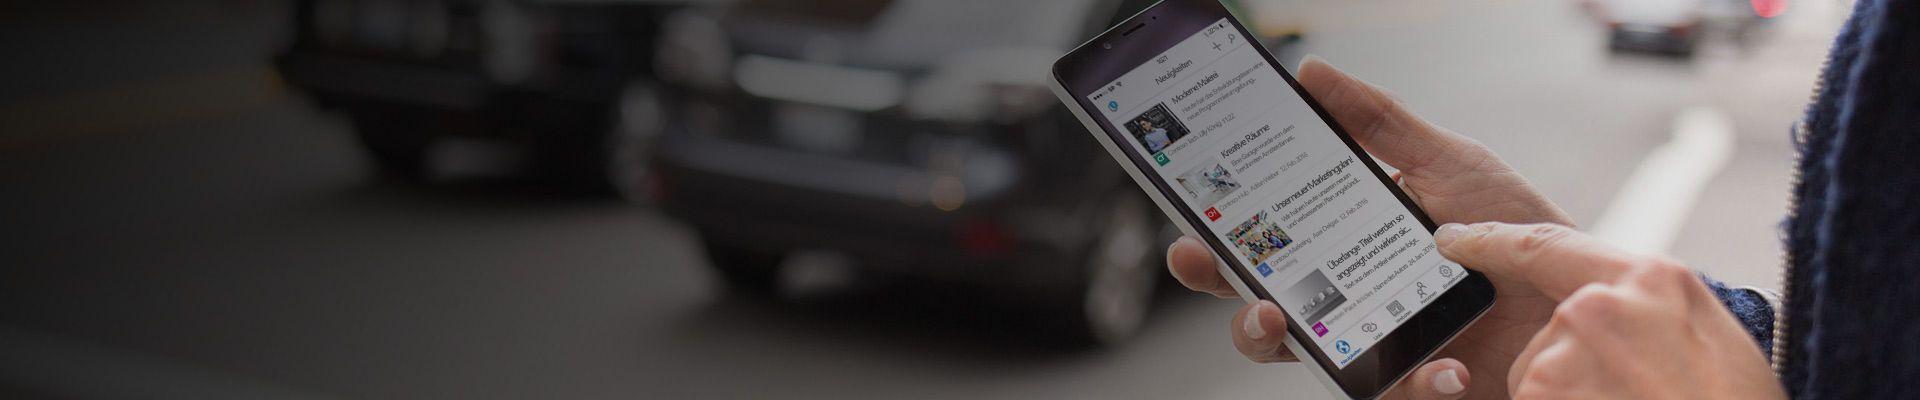 Ein Smartphone mit SharePoint-Nachrichten von Websites